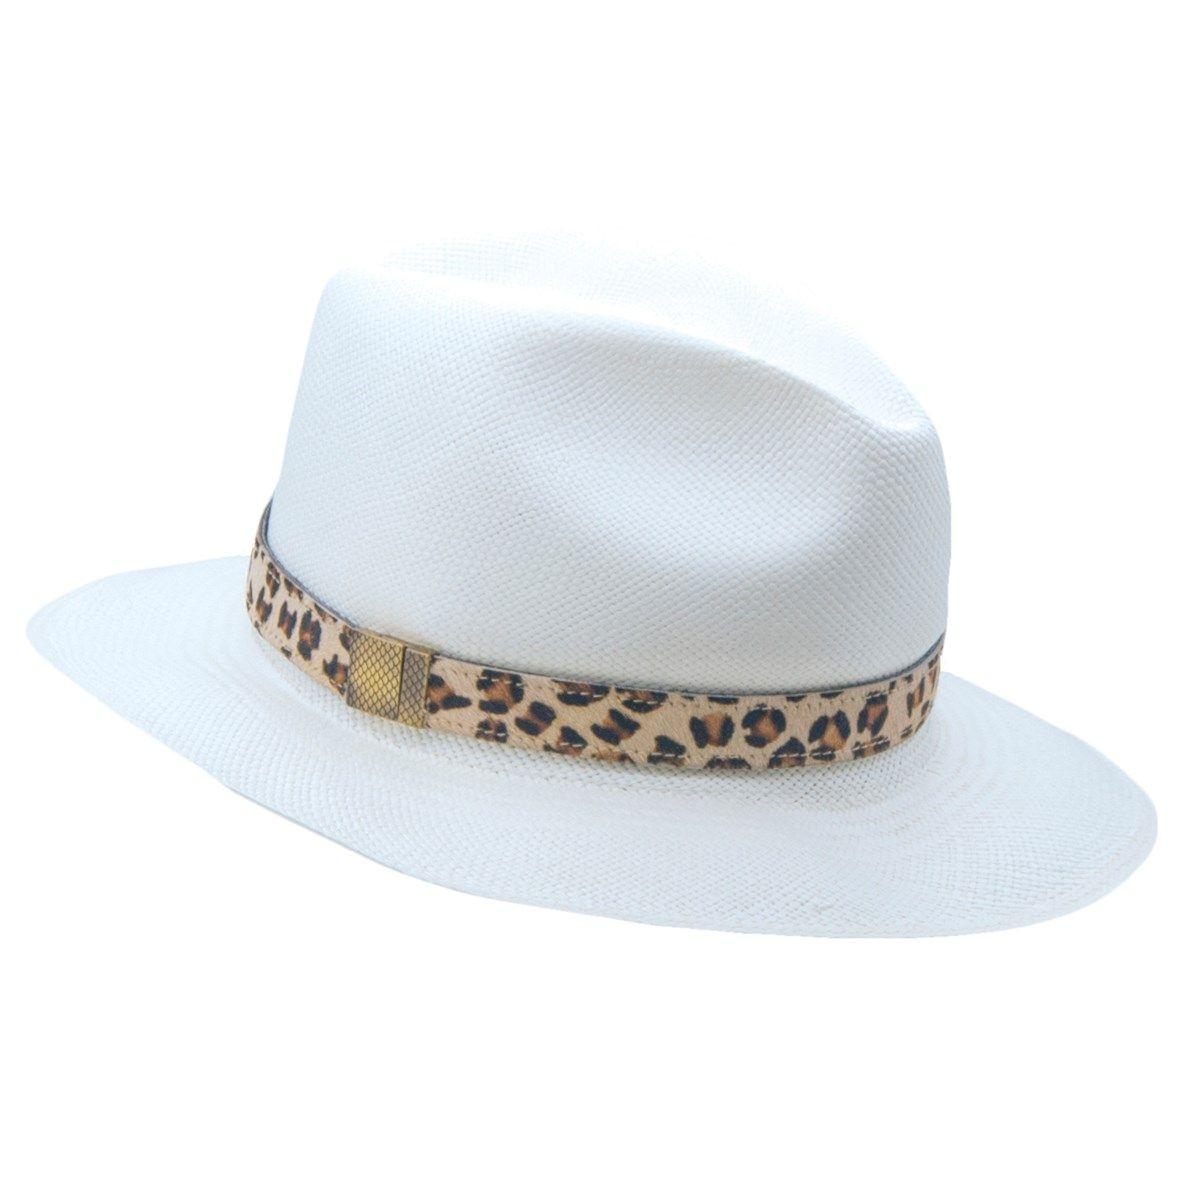 Chapeau panama en paille blanc ruban interchangeable en cuir